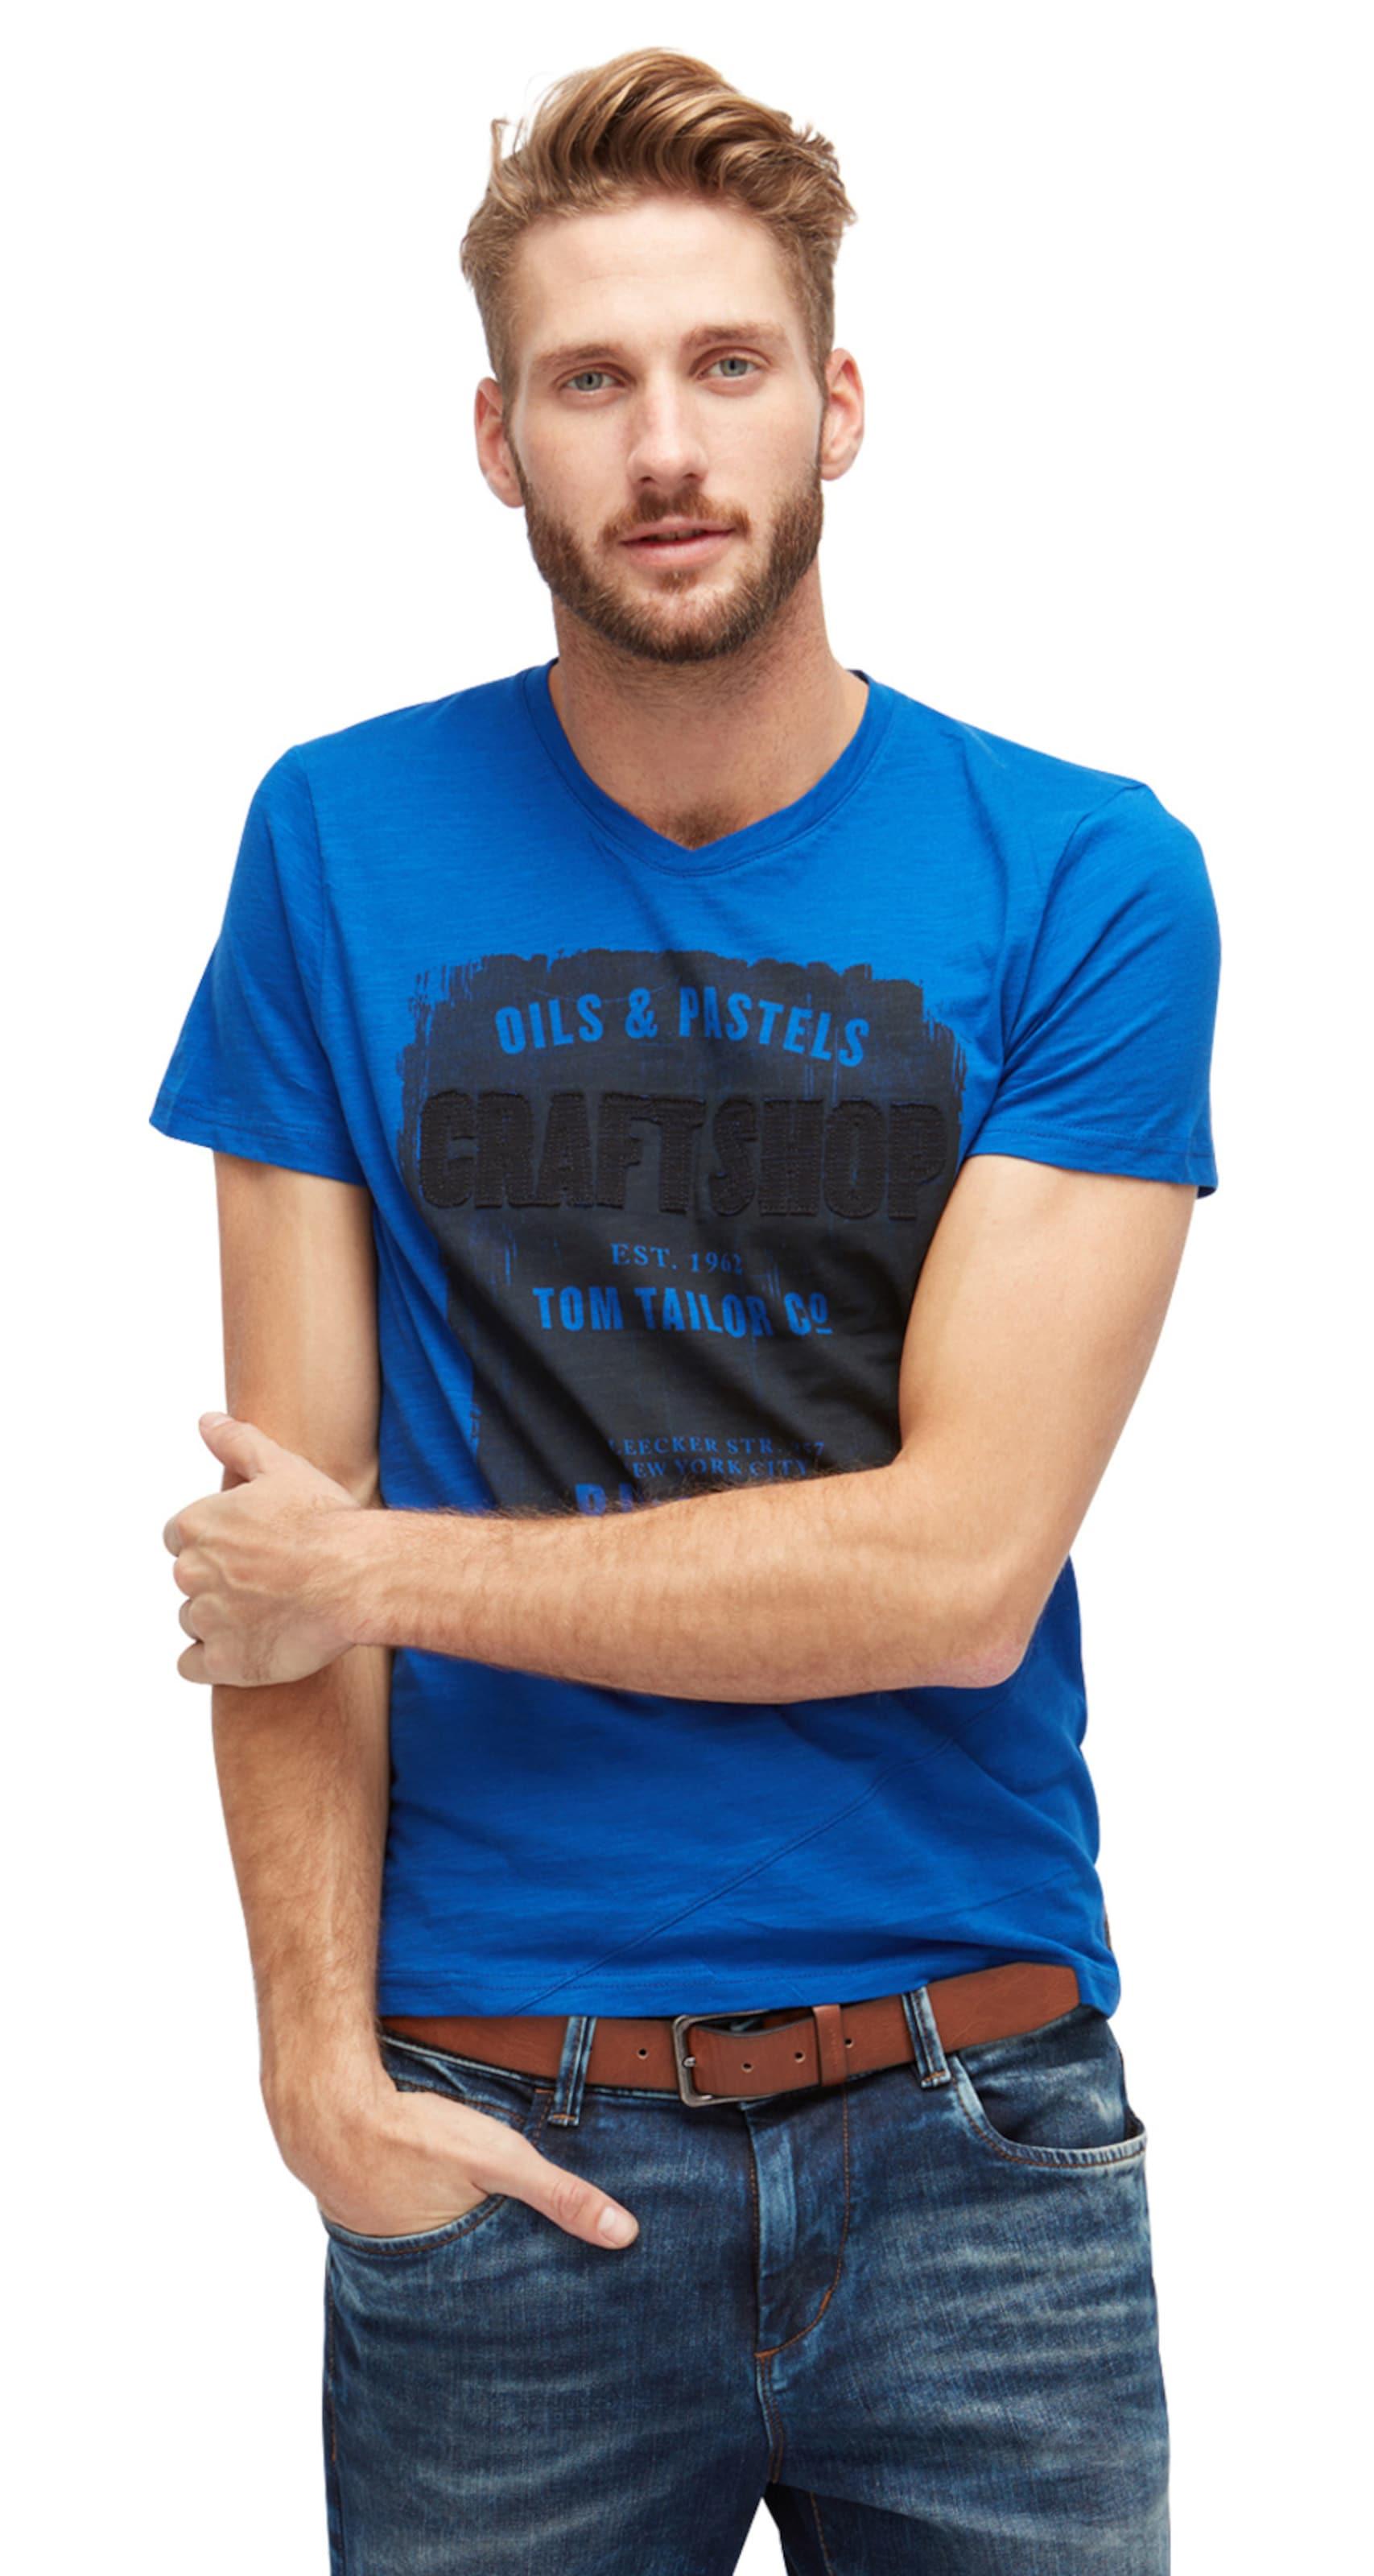 Aus Deutschland TOM TAILOR T-Shirt in Melange-Optik mit Print Billig Und Schön Verkauf Billig smrEIV